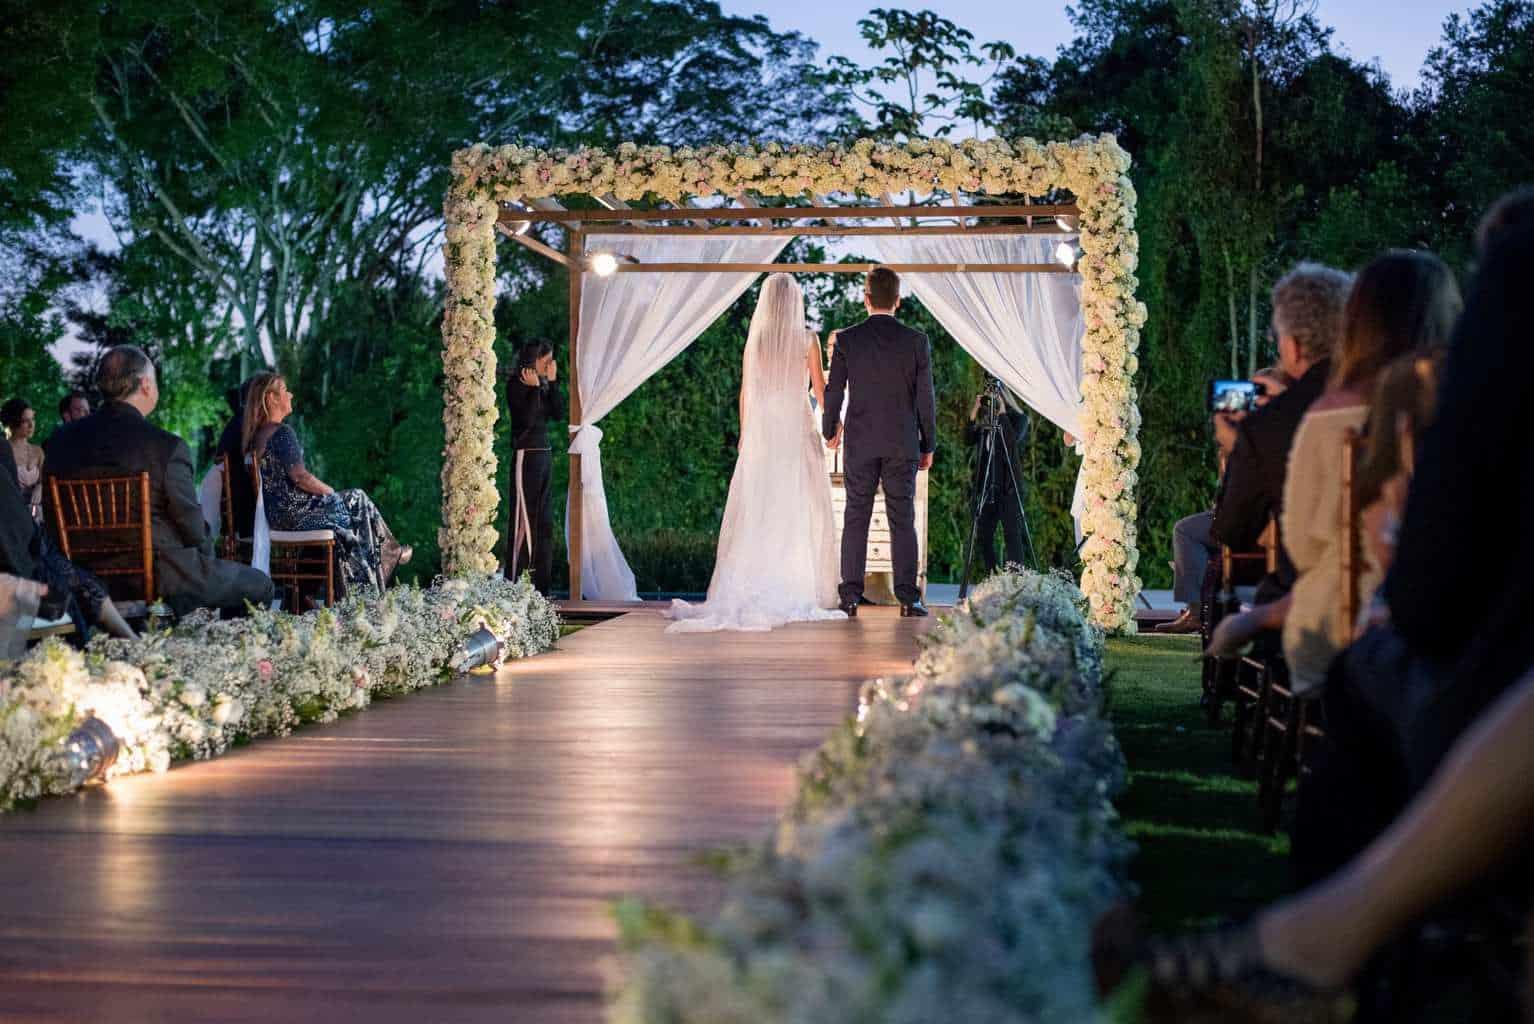 casamento-de-dia-casamento-Nicole-e-Thales-casamento-no-jardim-csasamento-ao-ar-livre-Fotografia-Marina-Fava-Galeria-Jardim-Rio-de-Janeiro-89